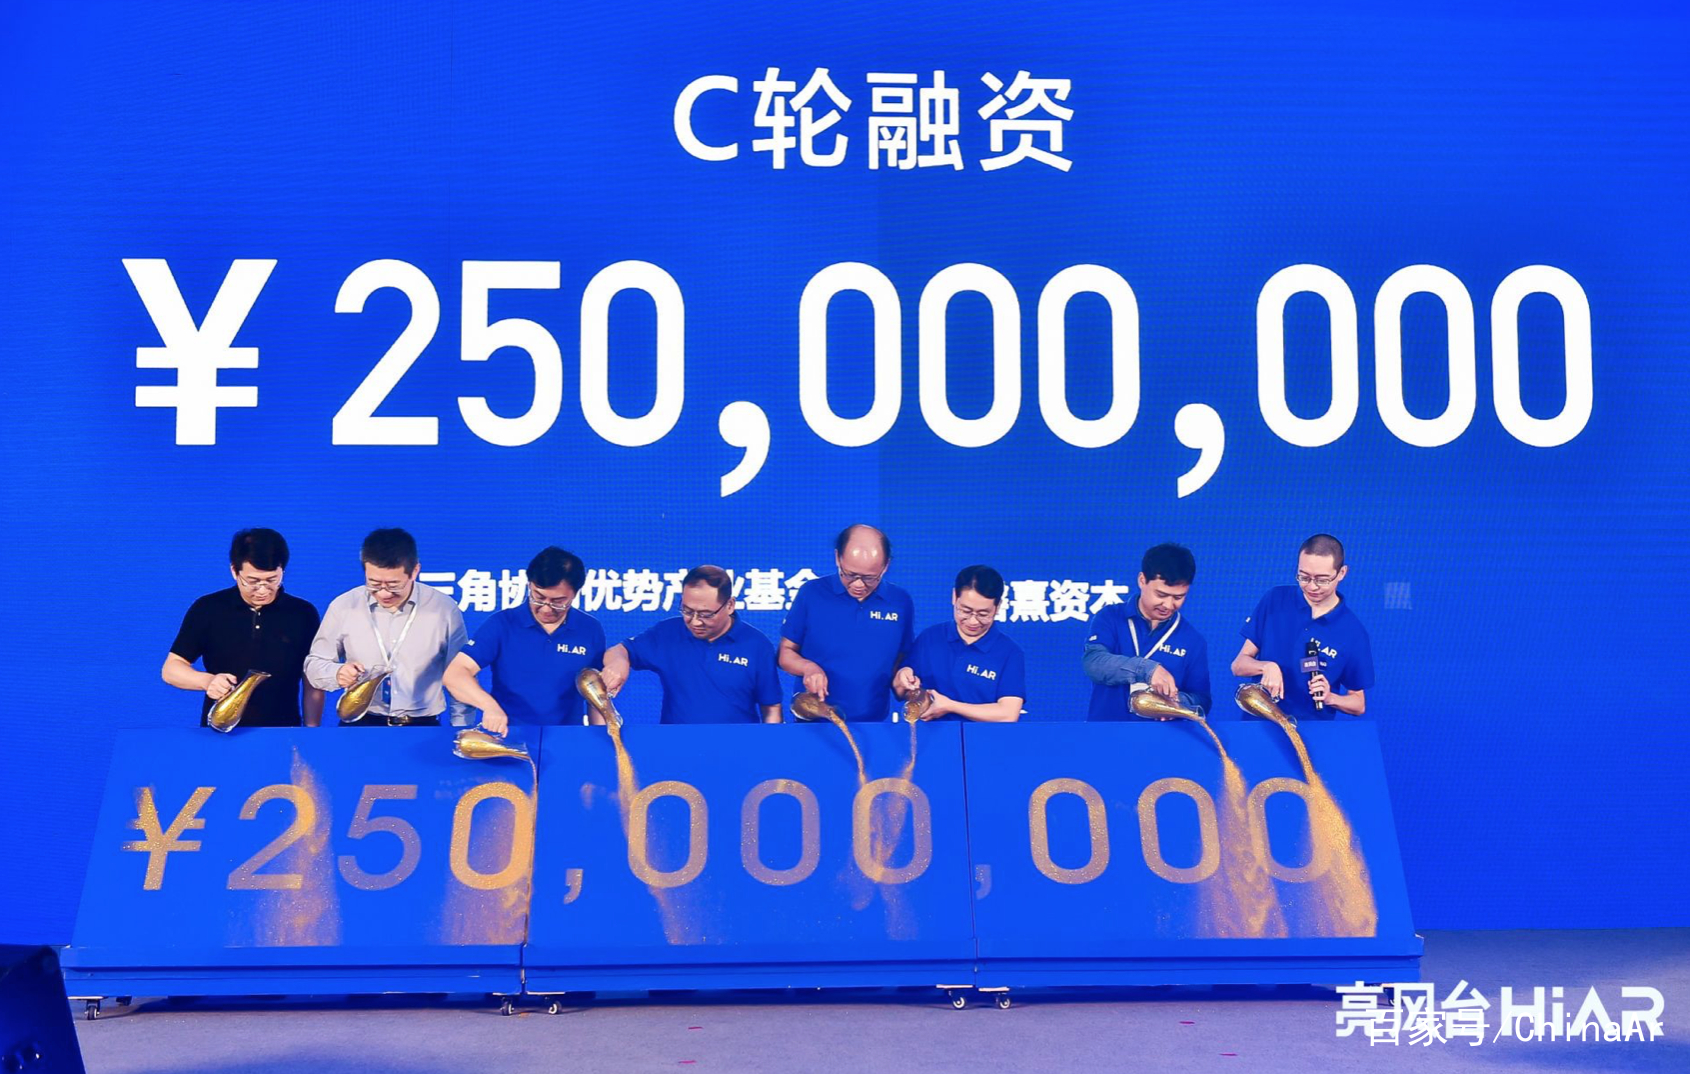 亮风台宣布获得2.5亿元C轮融资,AR平台赋能商业化提速 AR资讯